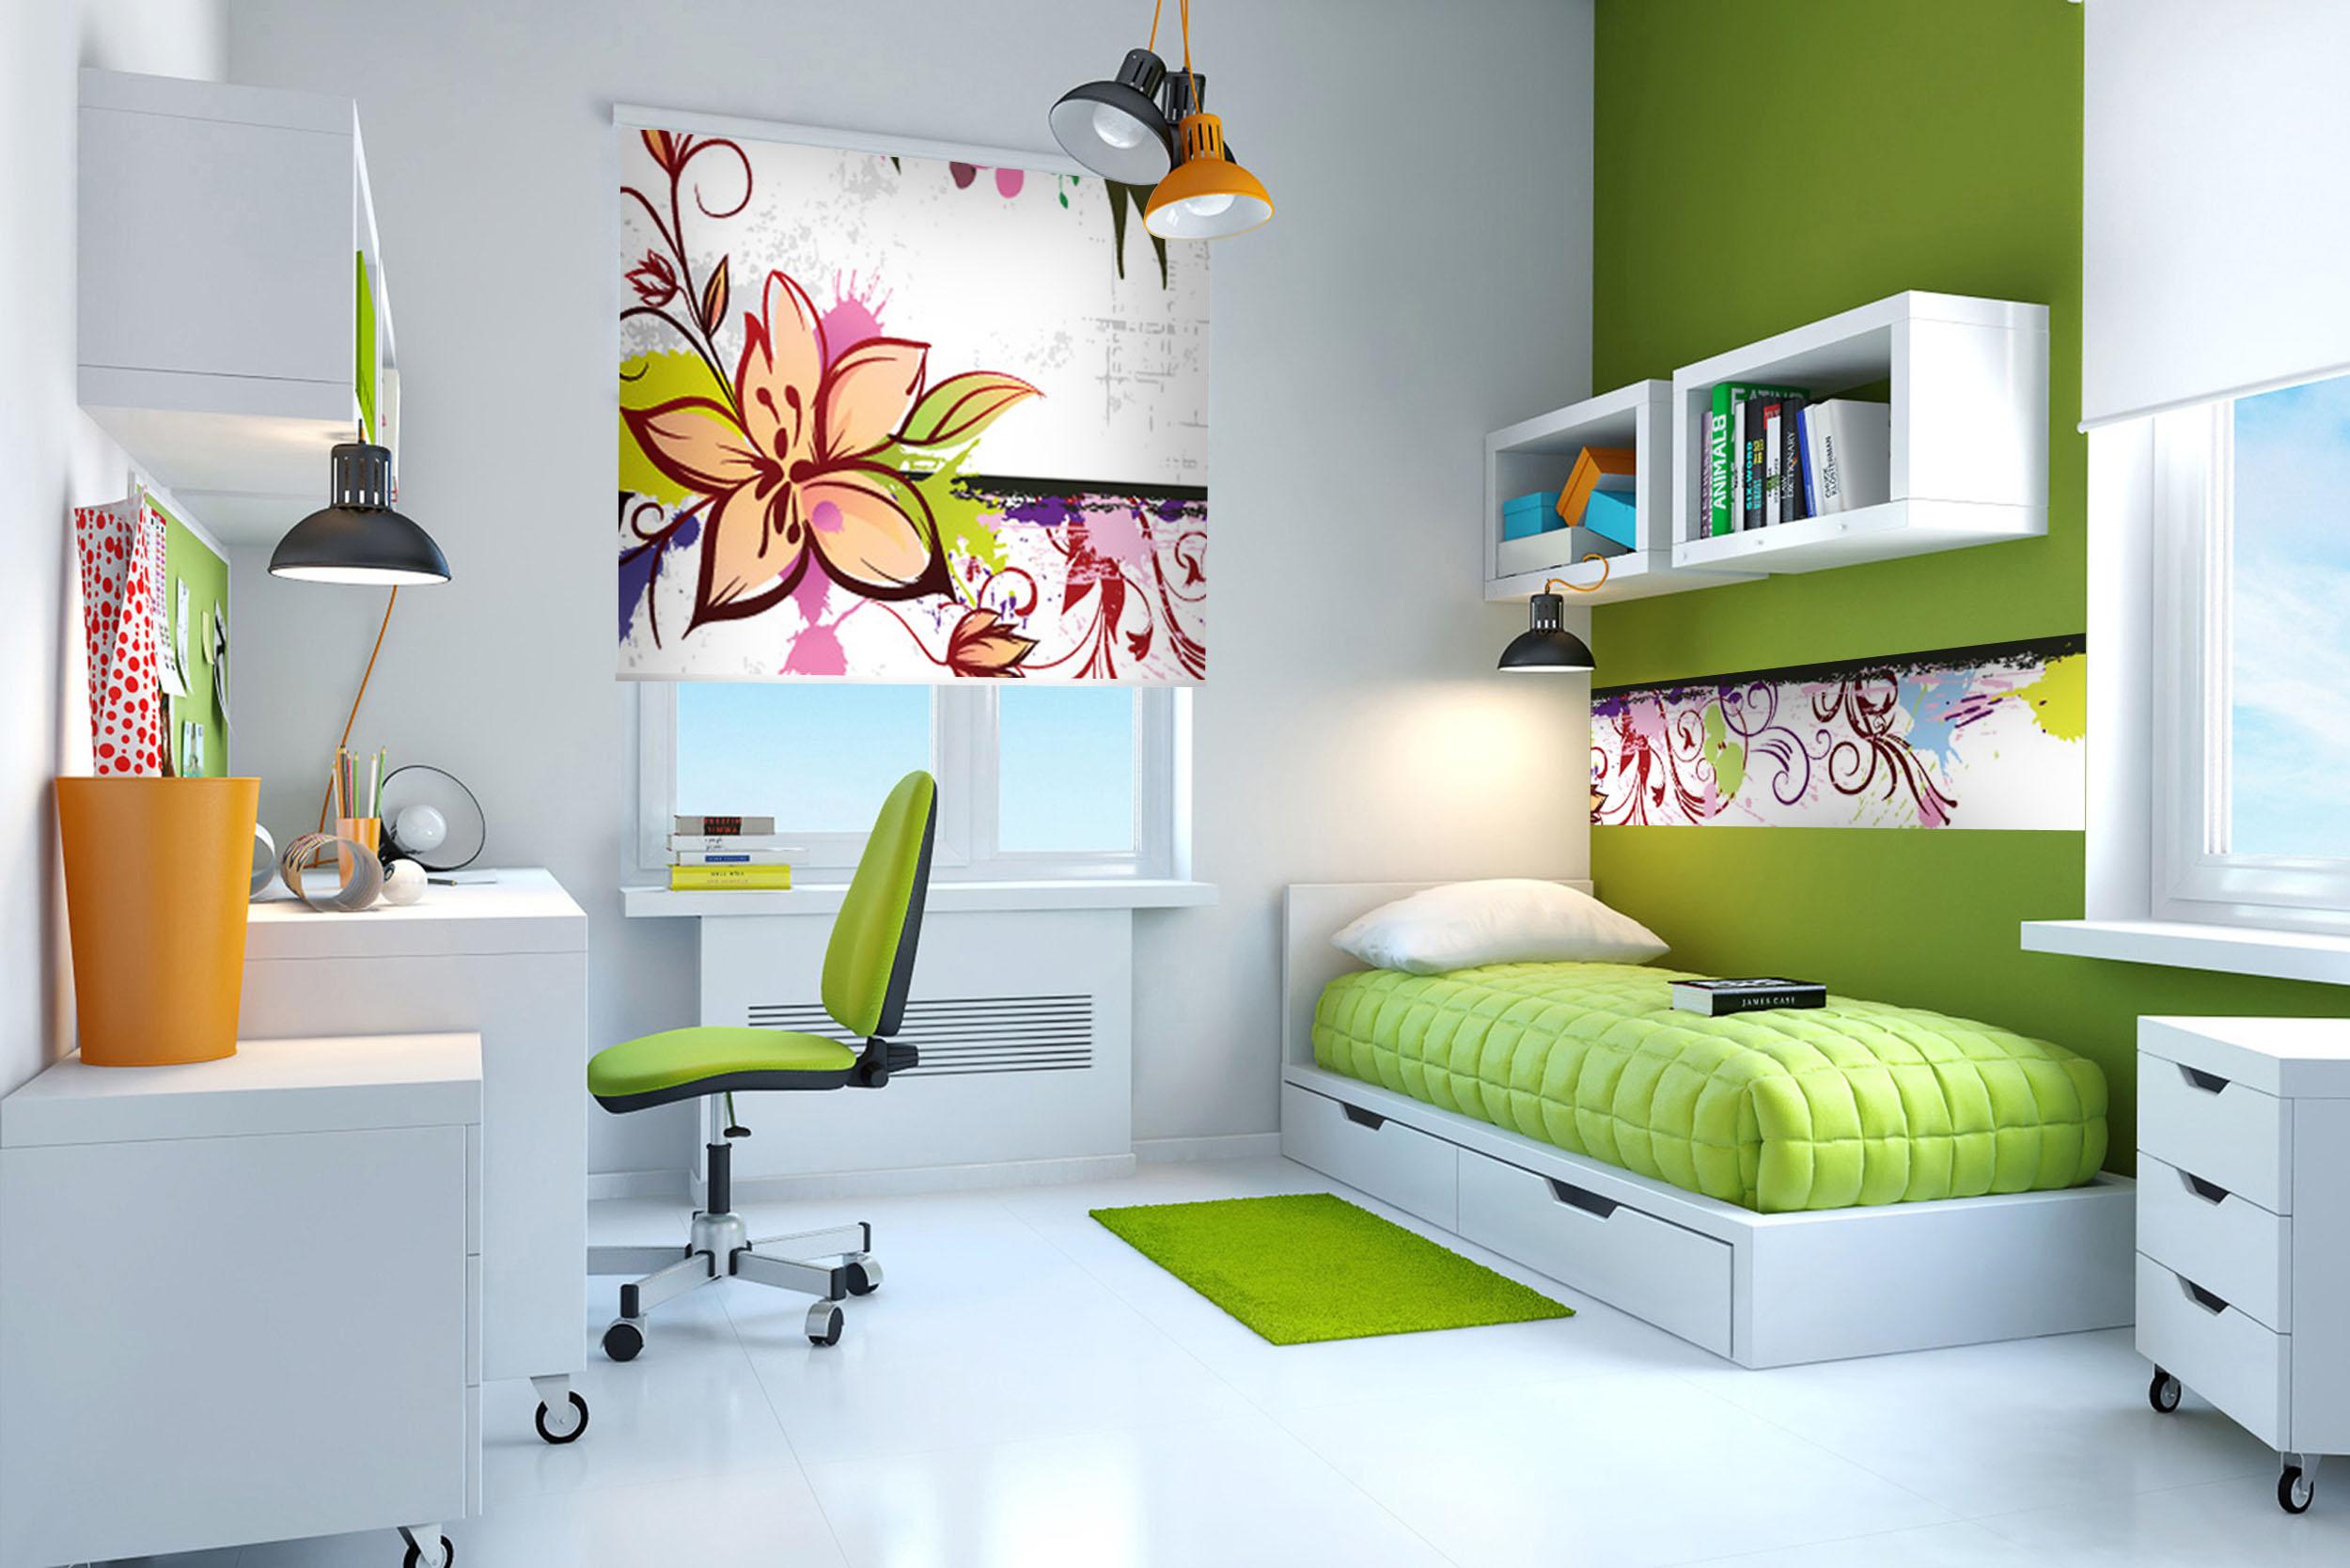 wymarzony pok j dla dziecka kobiece spojrzenie na wiat. Black Bedroom Furniture Sets. Home Design Ideas